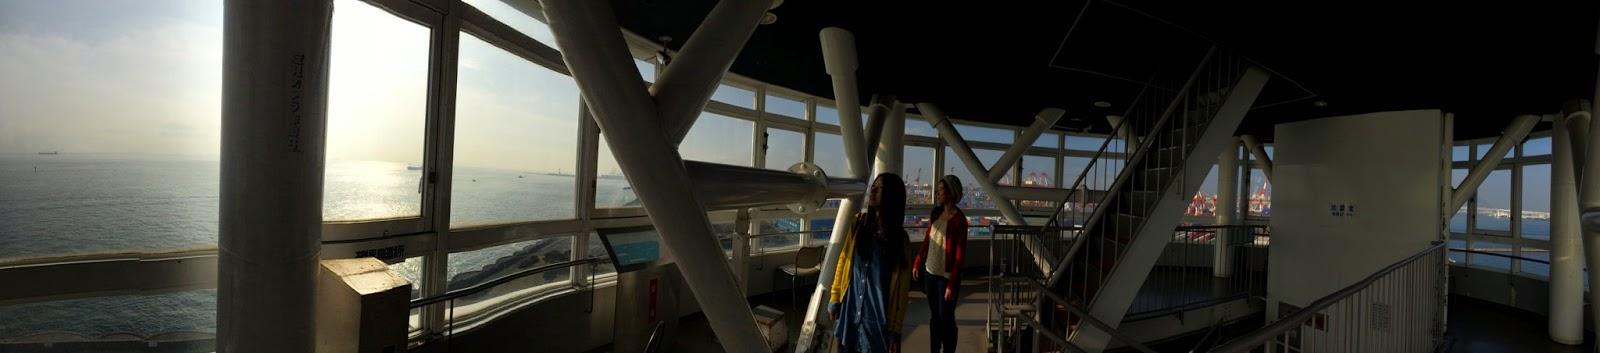 横浜観光【横浜】横浜港シンボルタワー Yokohama Port Symbol tower